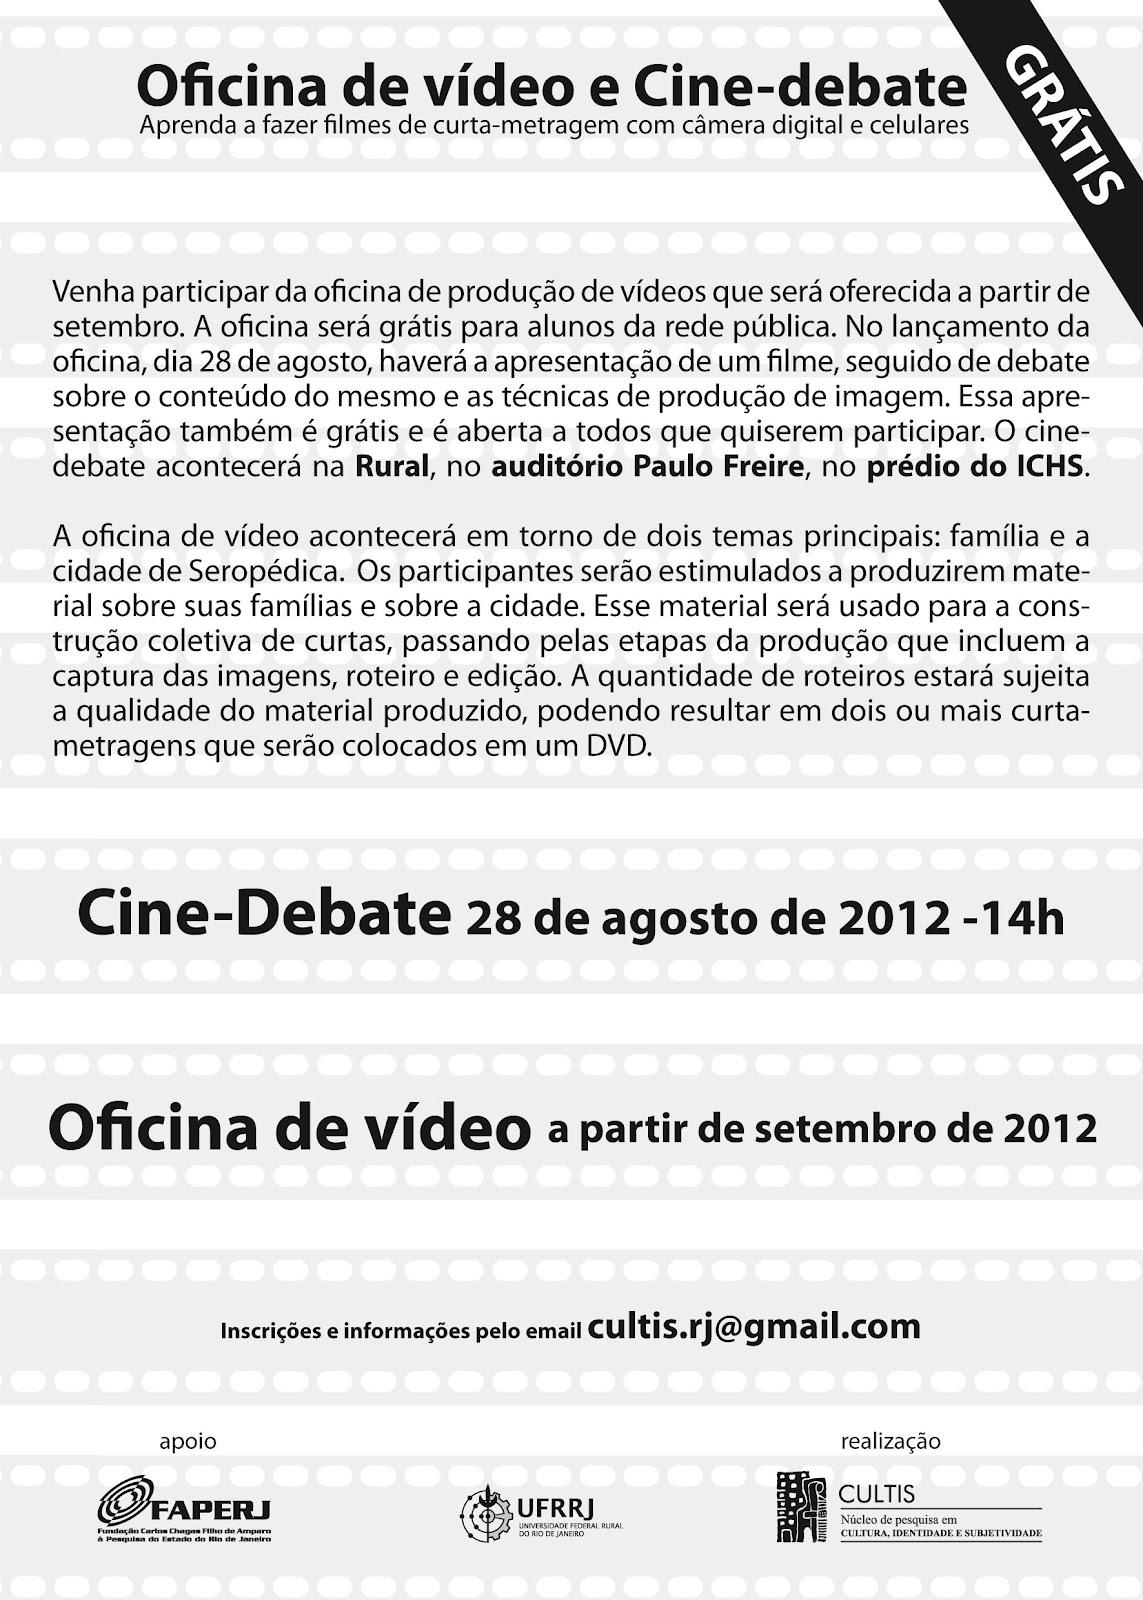 Blog da gradua o cine debate amanh 28 lan a oficina for Horario oficinas caja rural